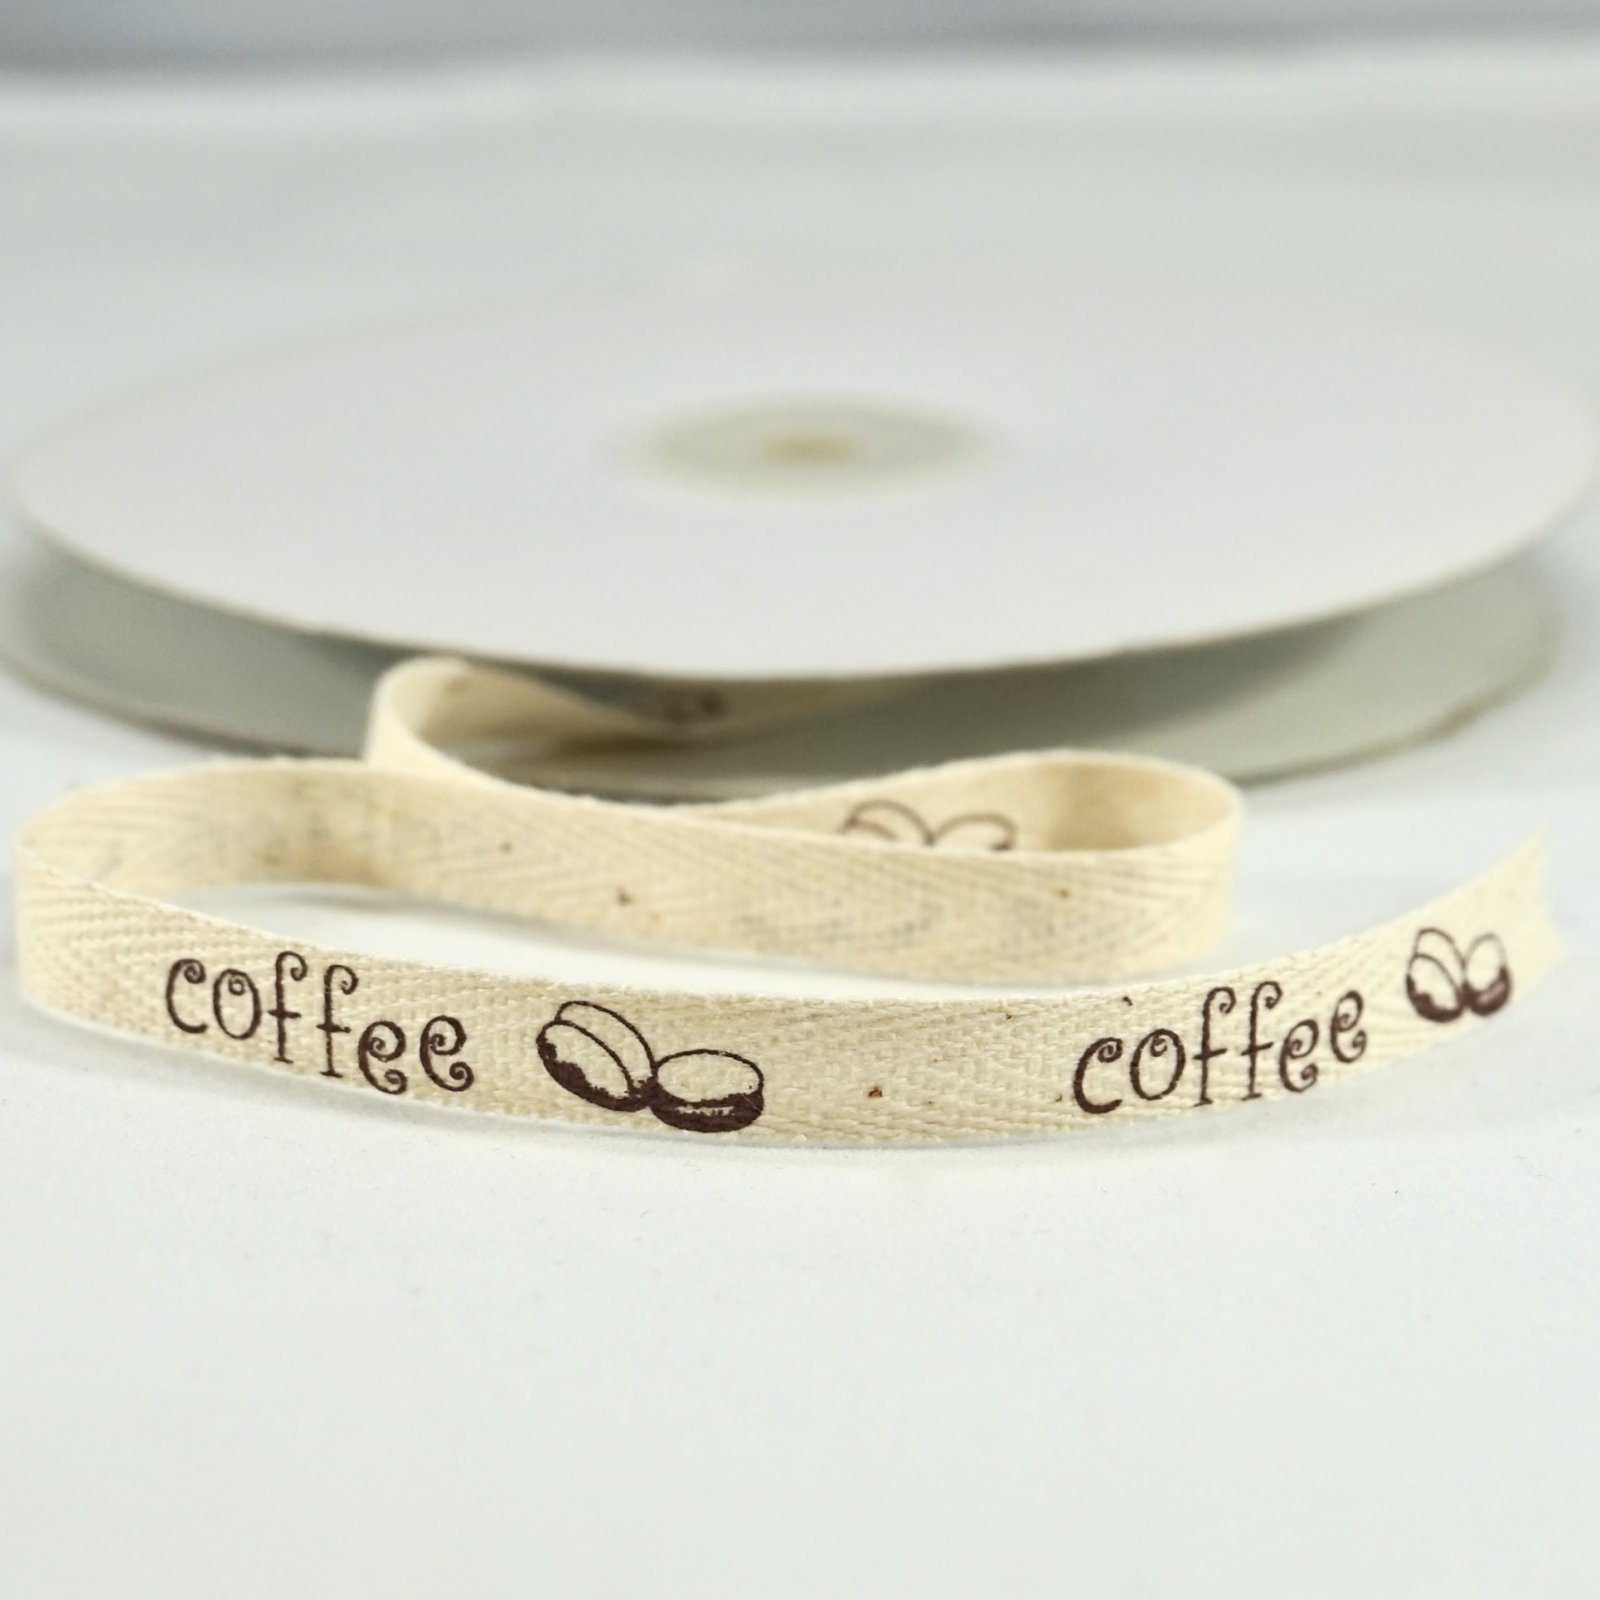 100% Cotton Ribbon - Brown Coffee